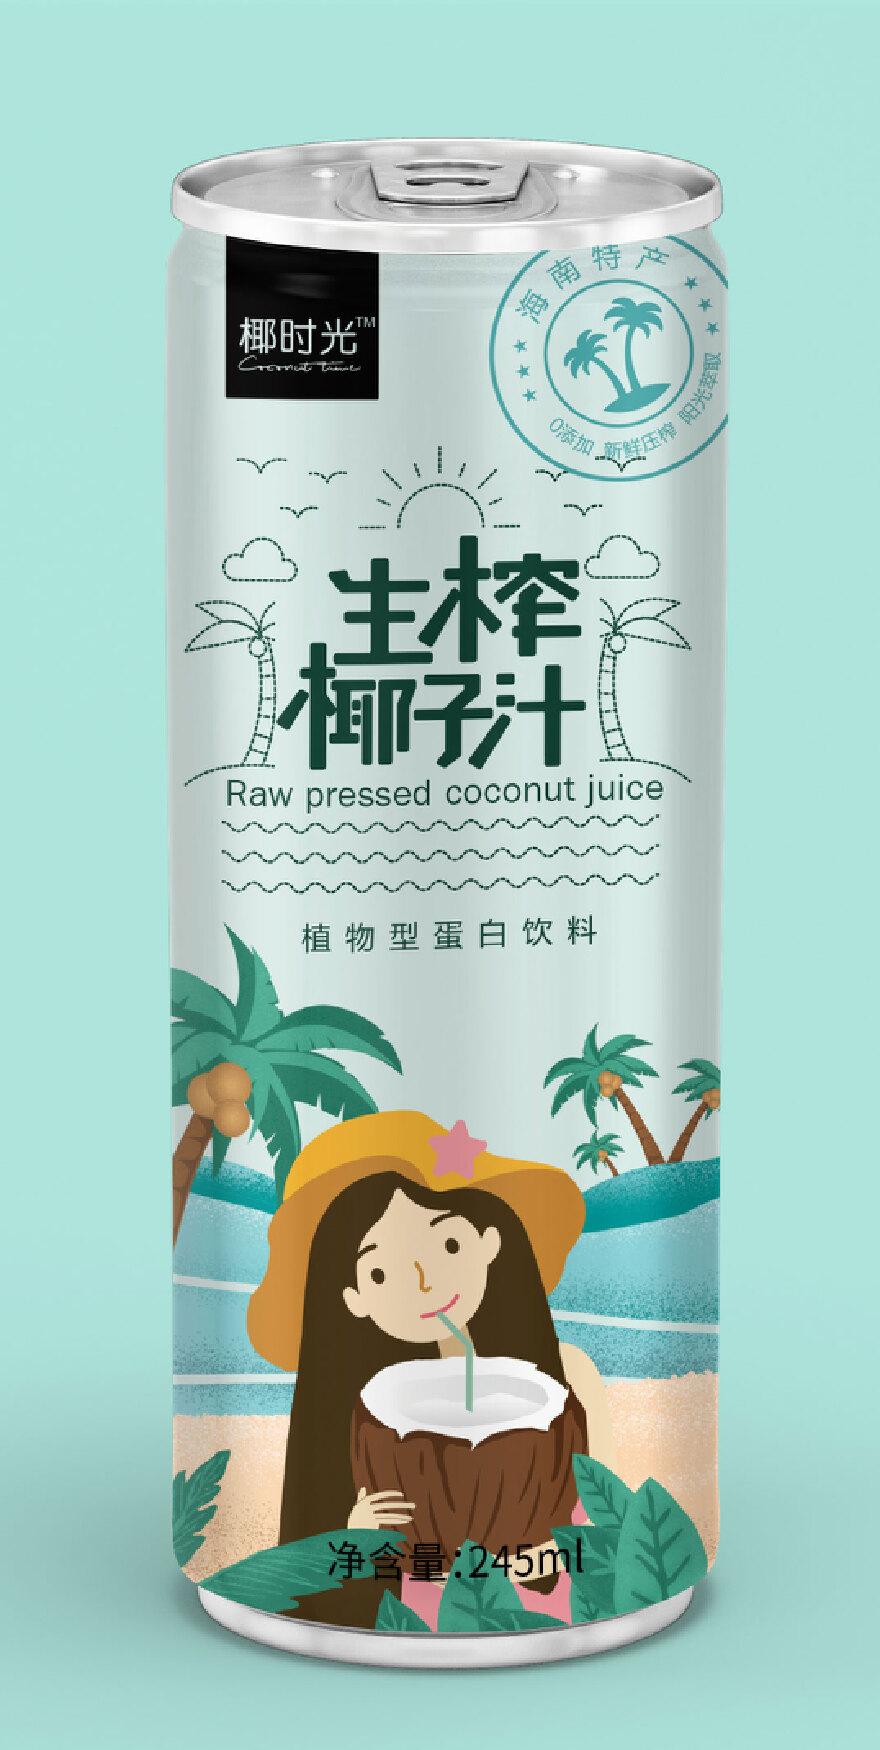 生榨椰子汁包装设计广告设计前景v前景的智能图片